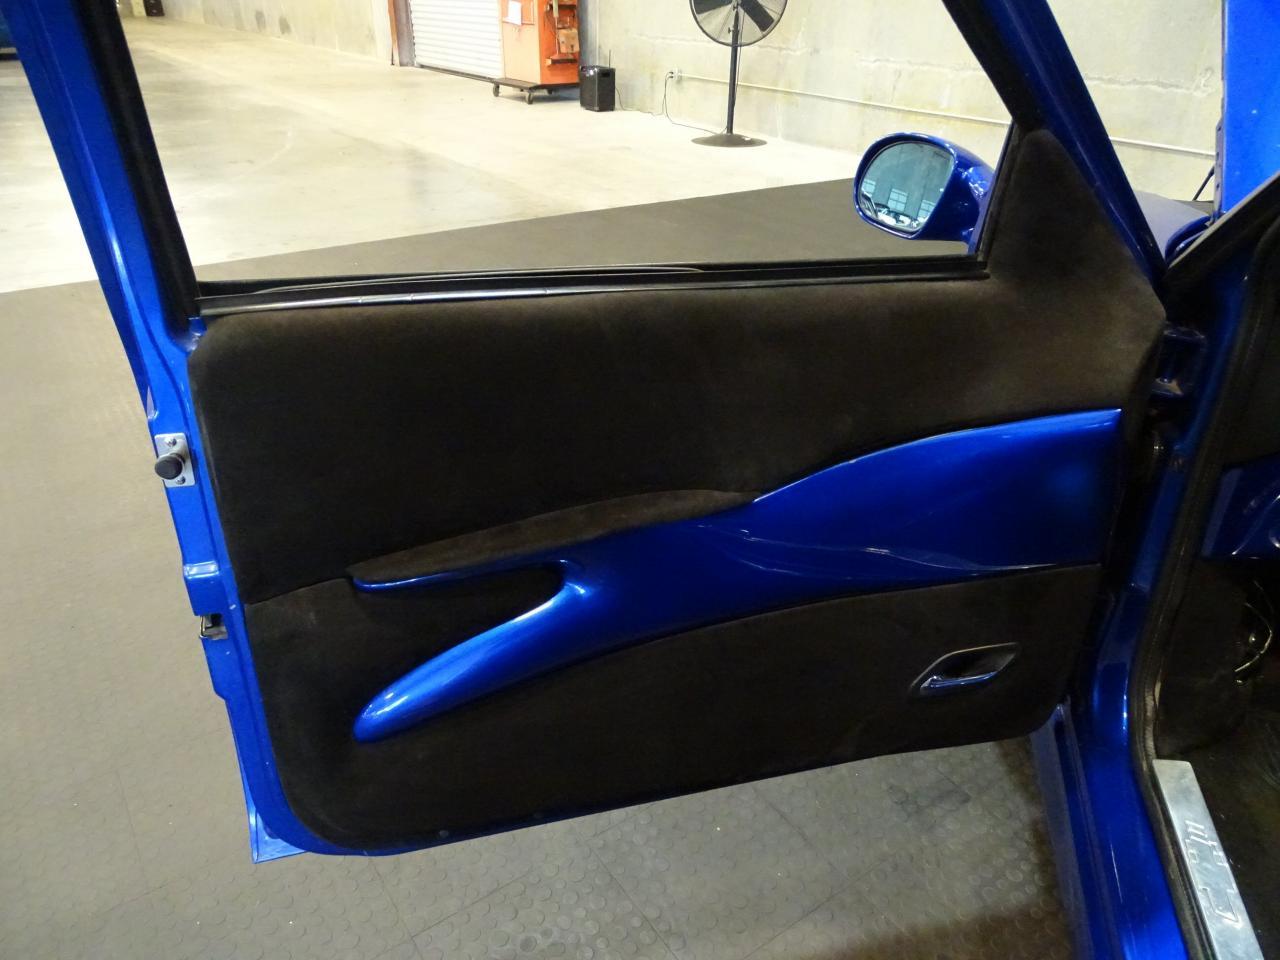 2001 Chevrolet S10 66